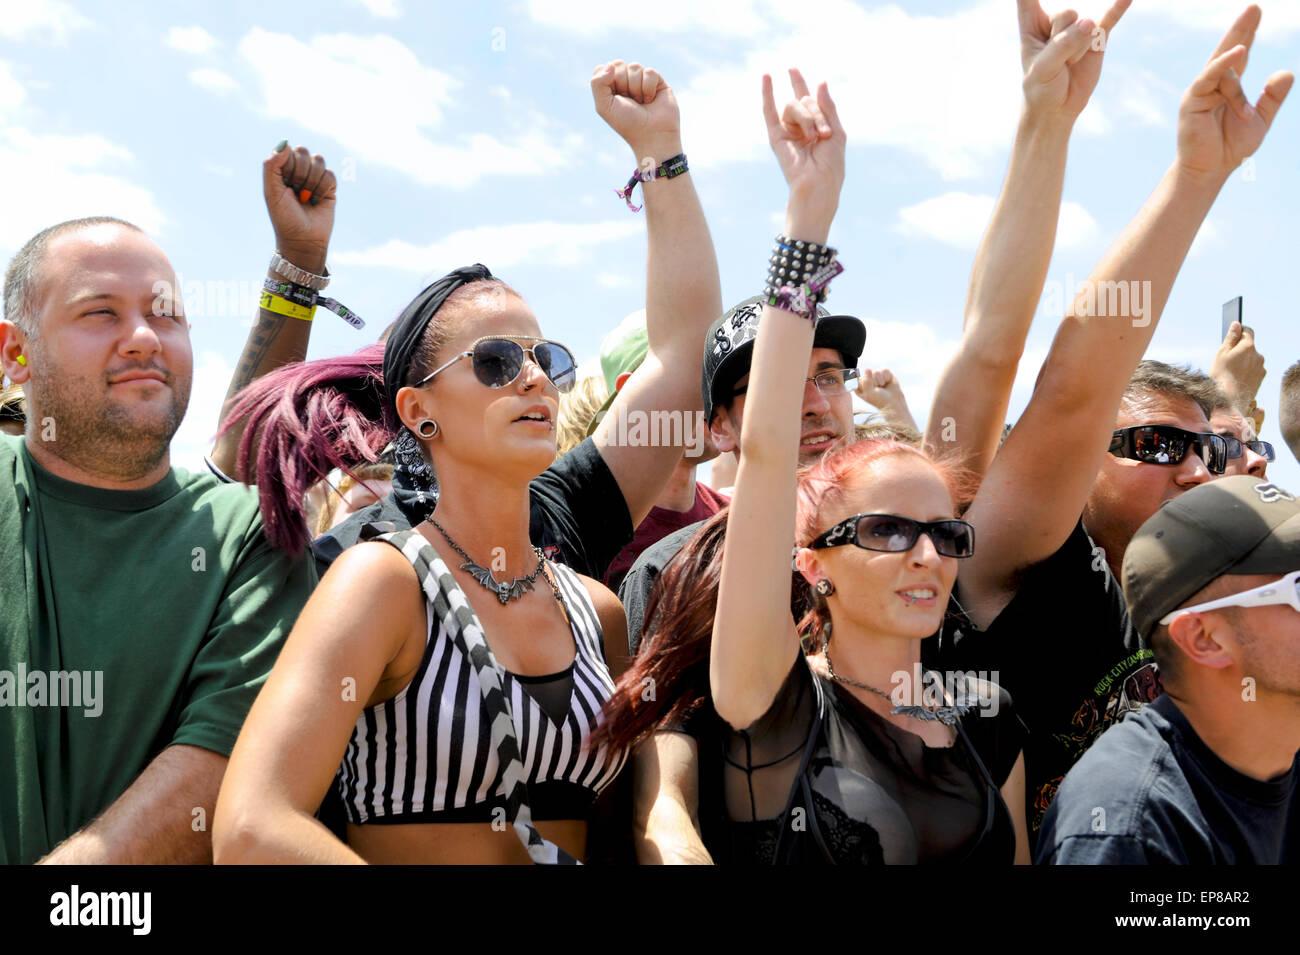 Le Monster Energy 2015 Rébellion Caroline Music Festival, foule, public, fans, les gens. Photo Stock